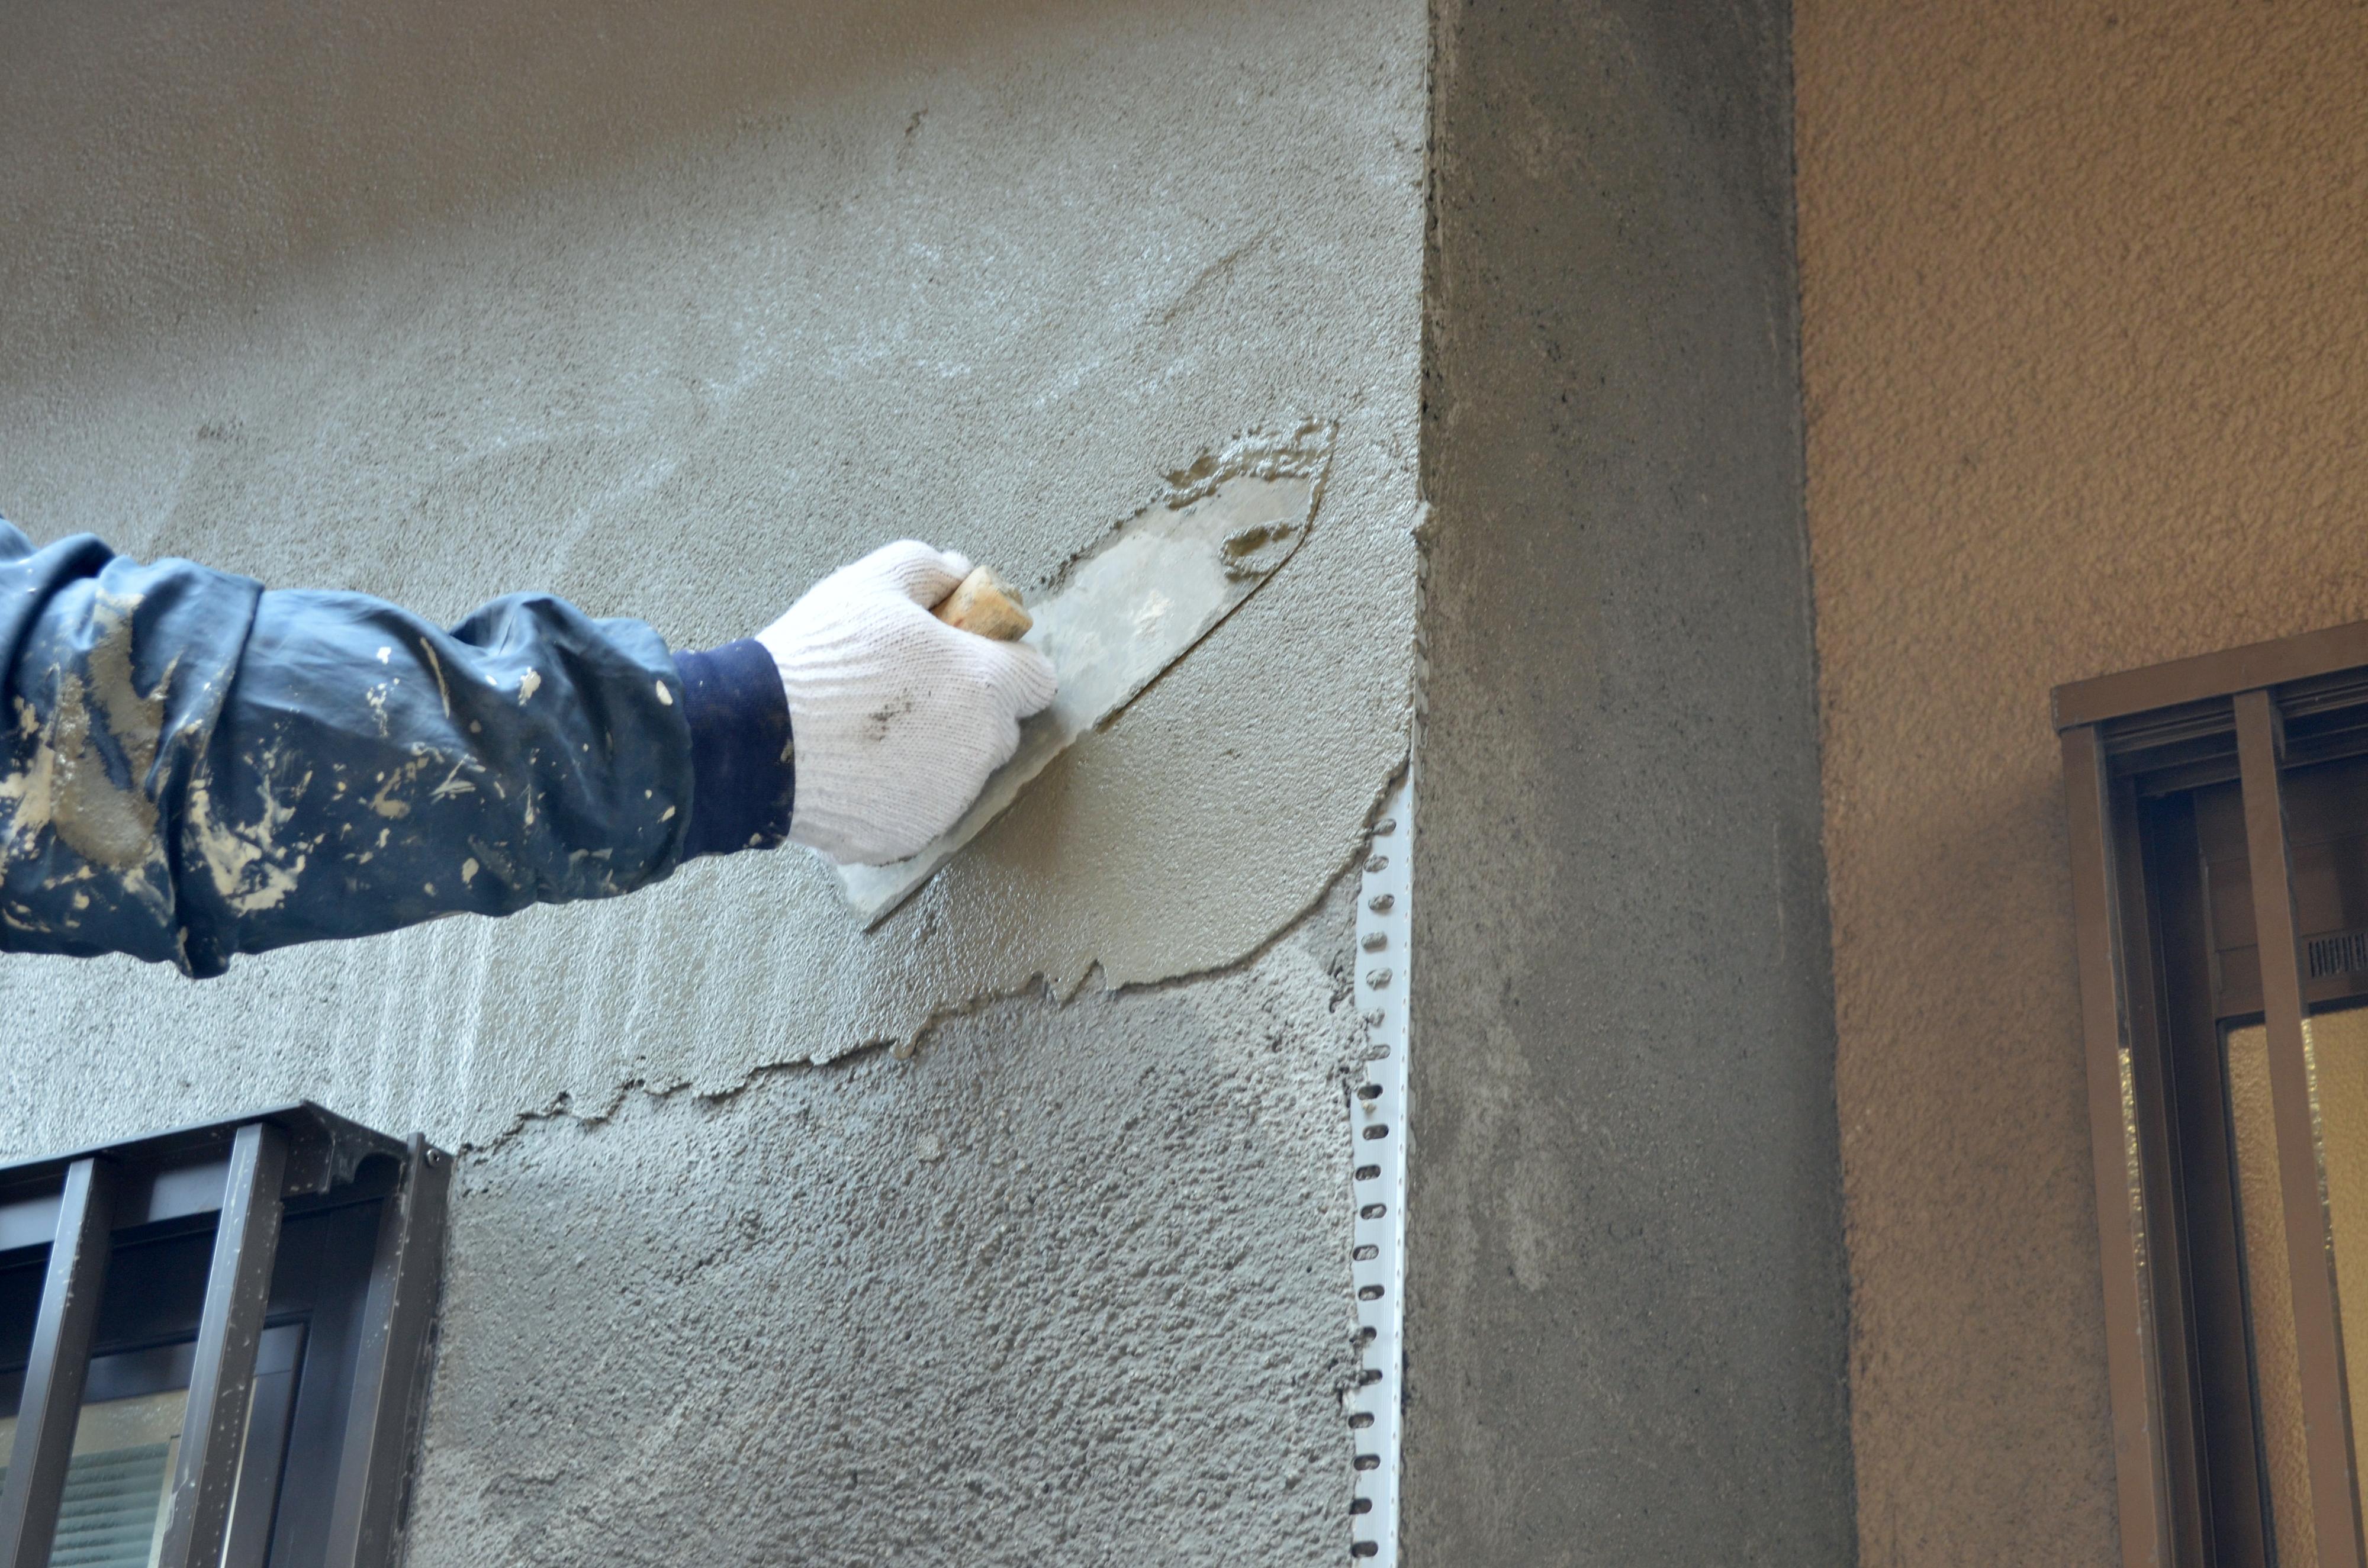 湿式工法と乾式工法の違いとは、、?②